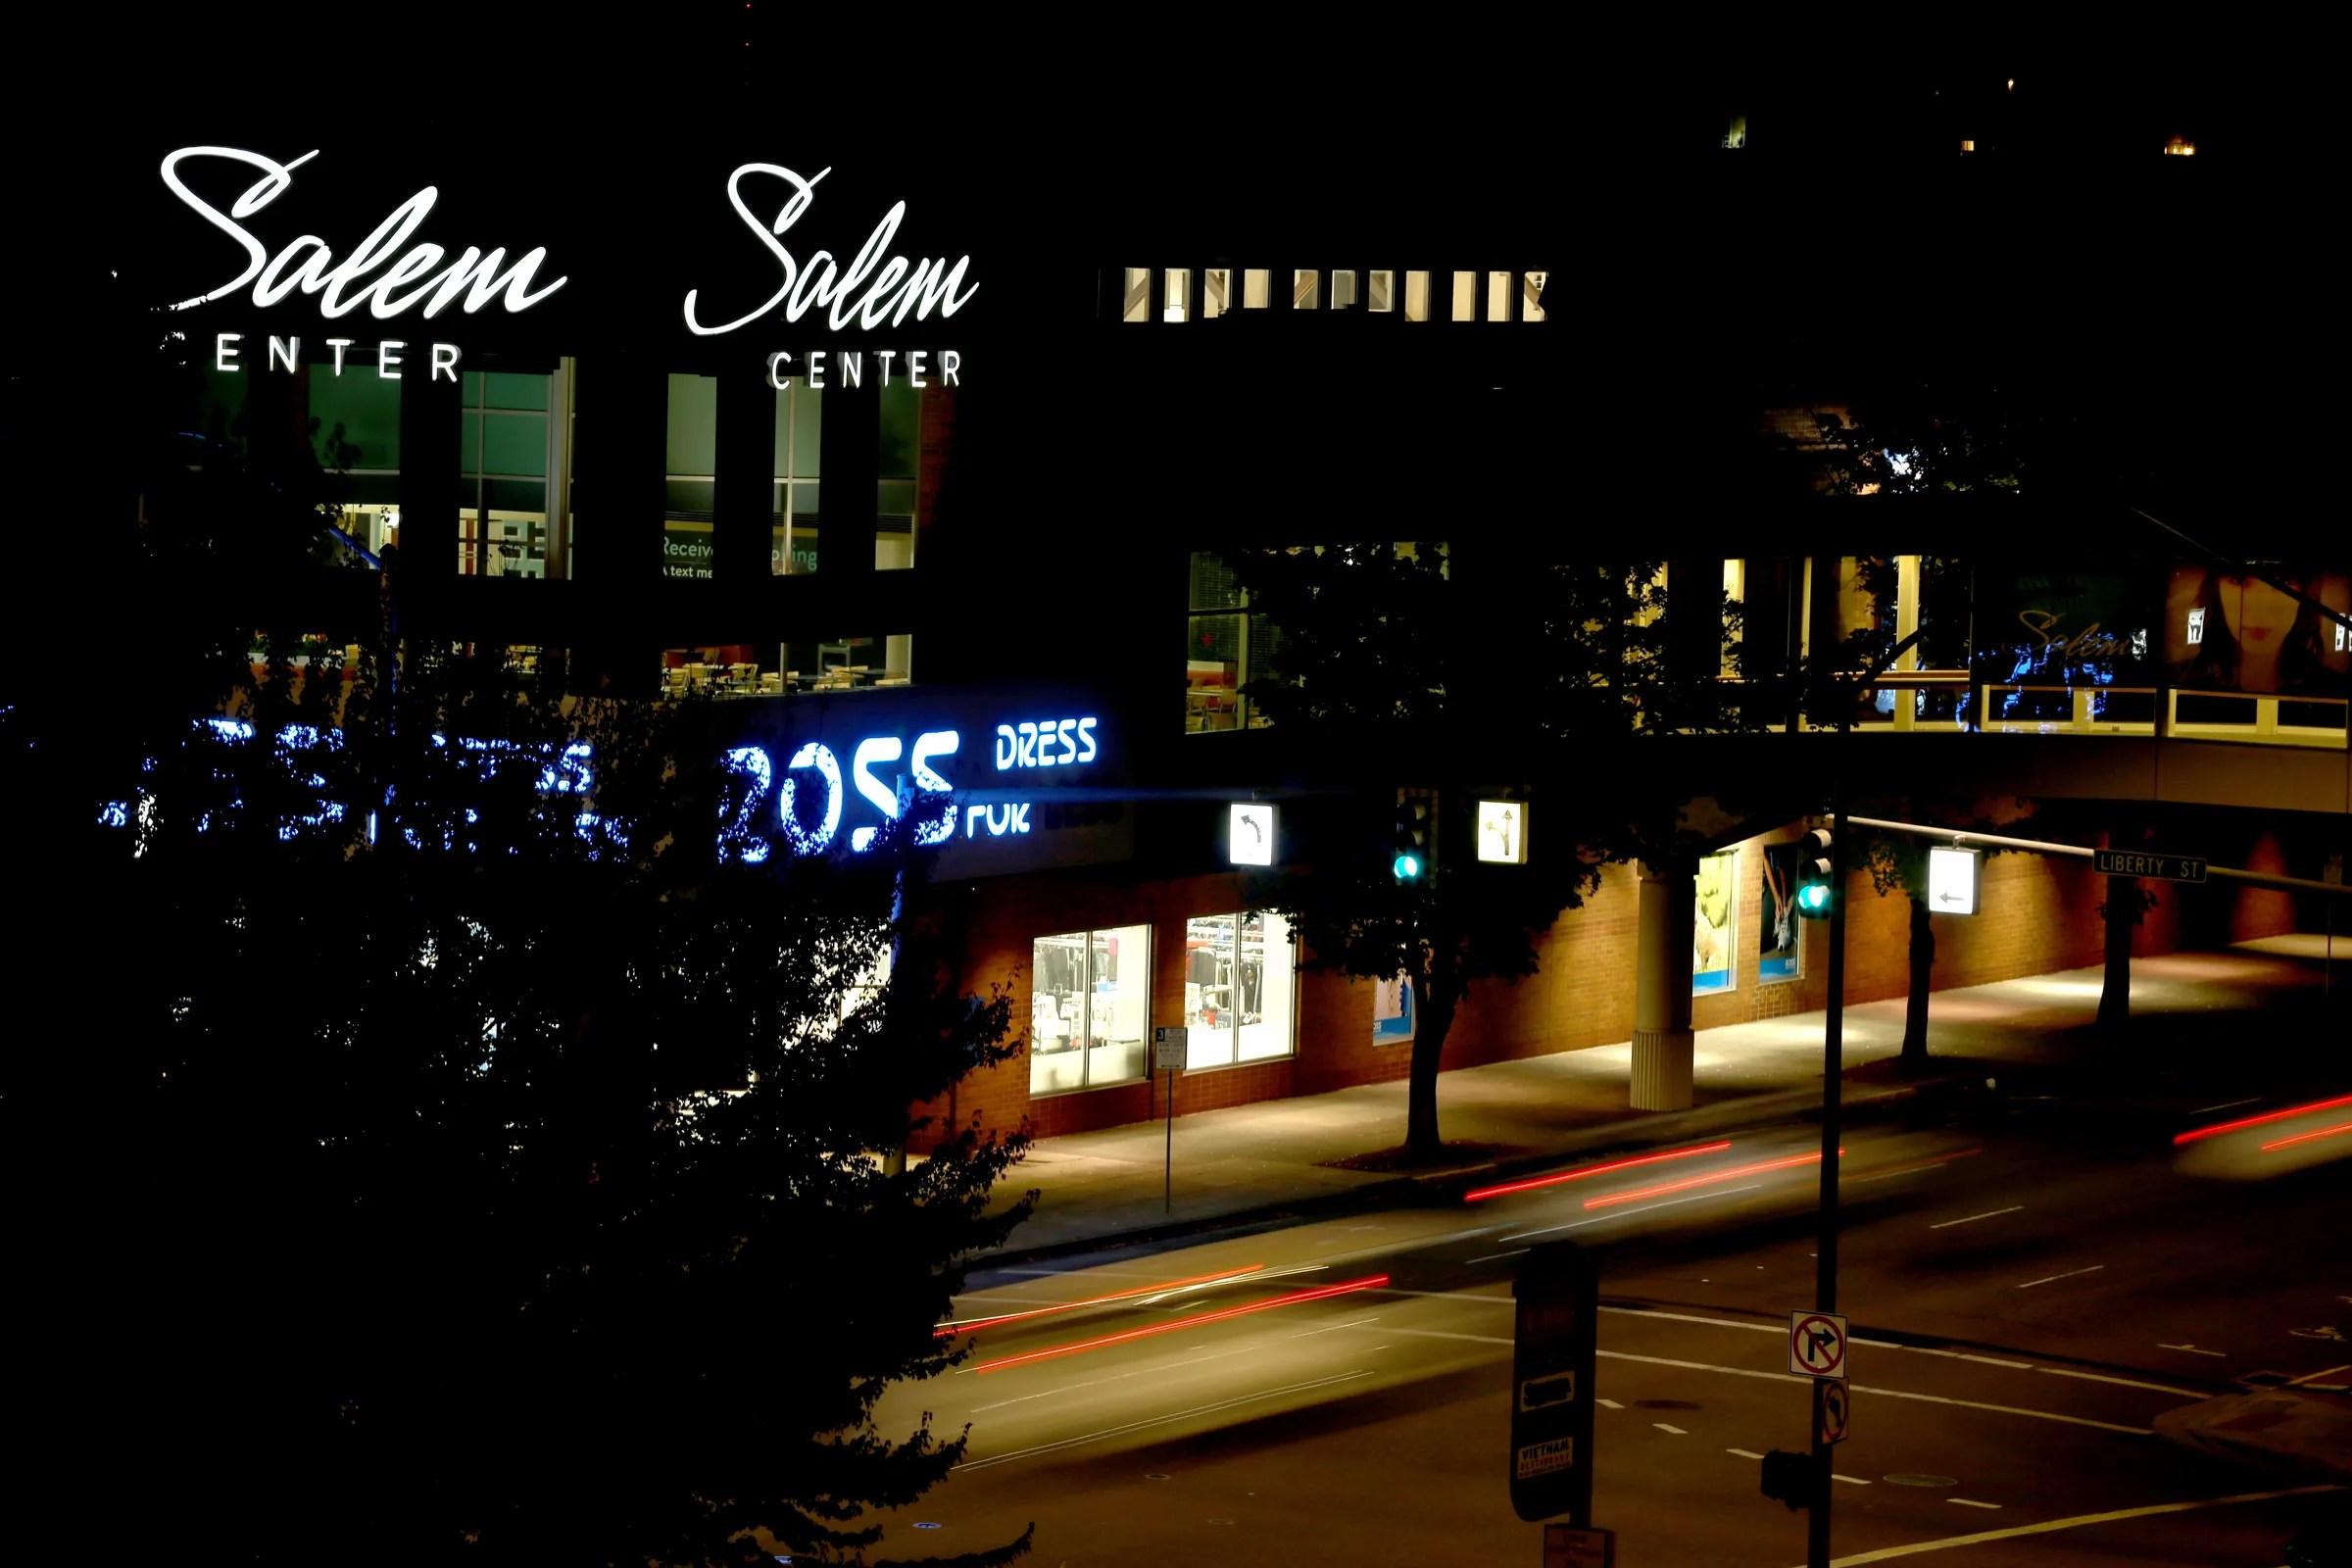 salem center sold for 27 million after